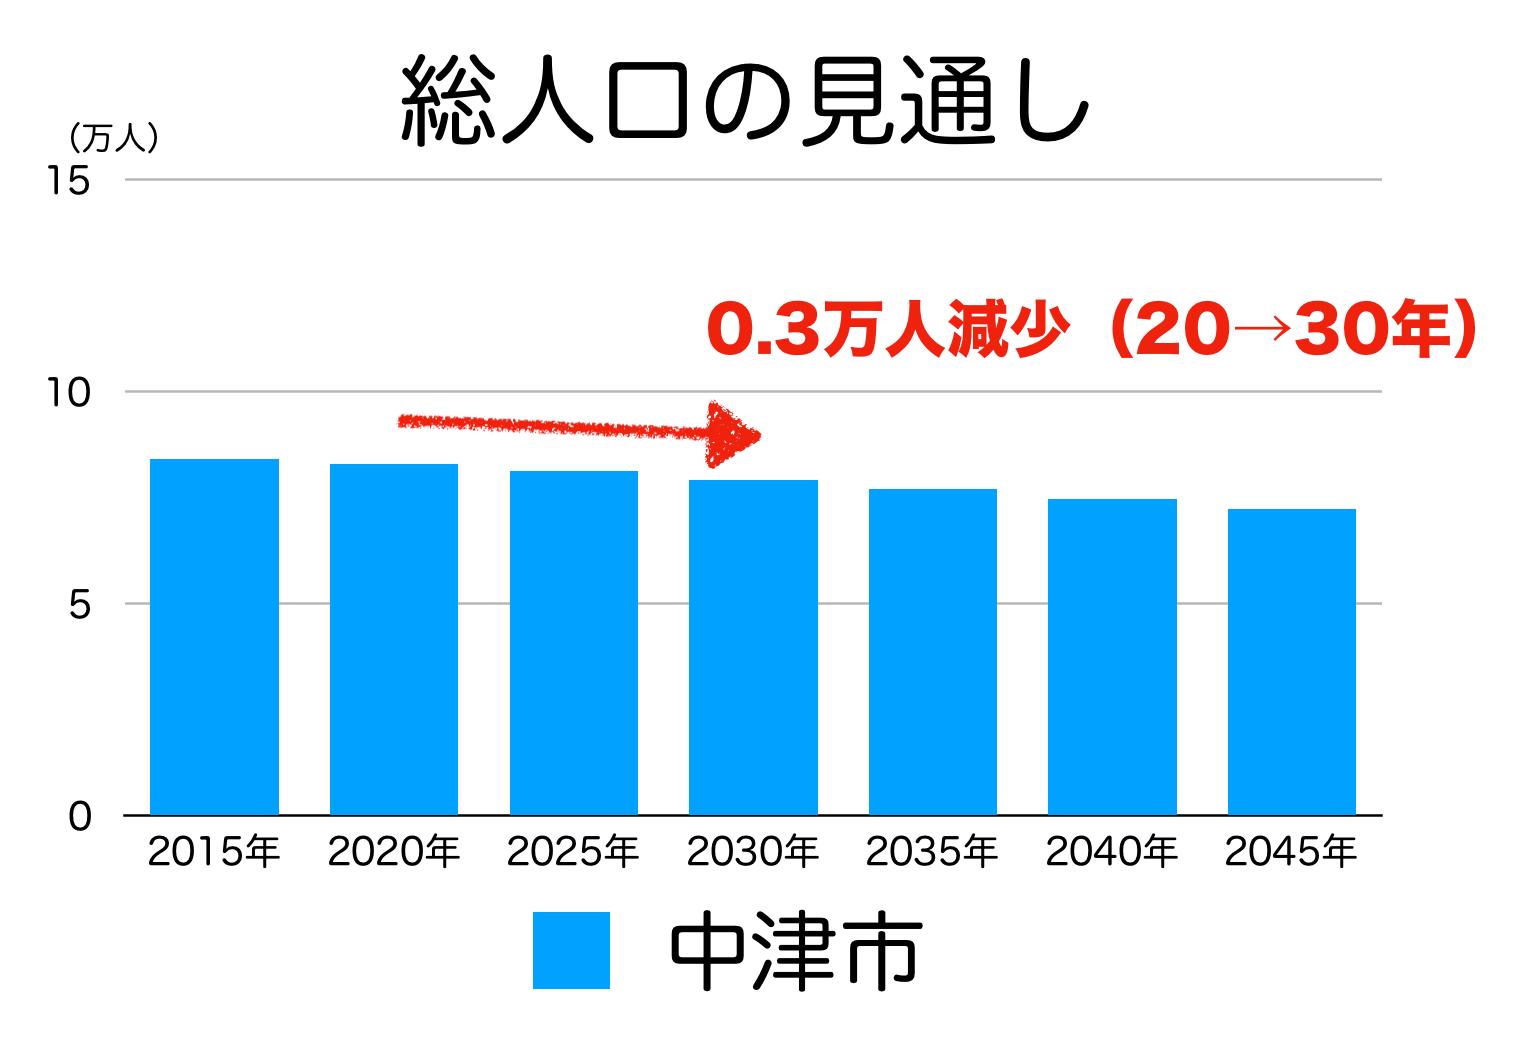 中津市の人口予測